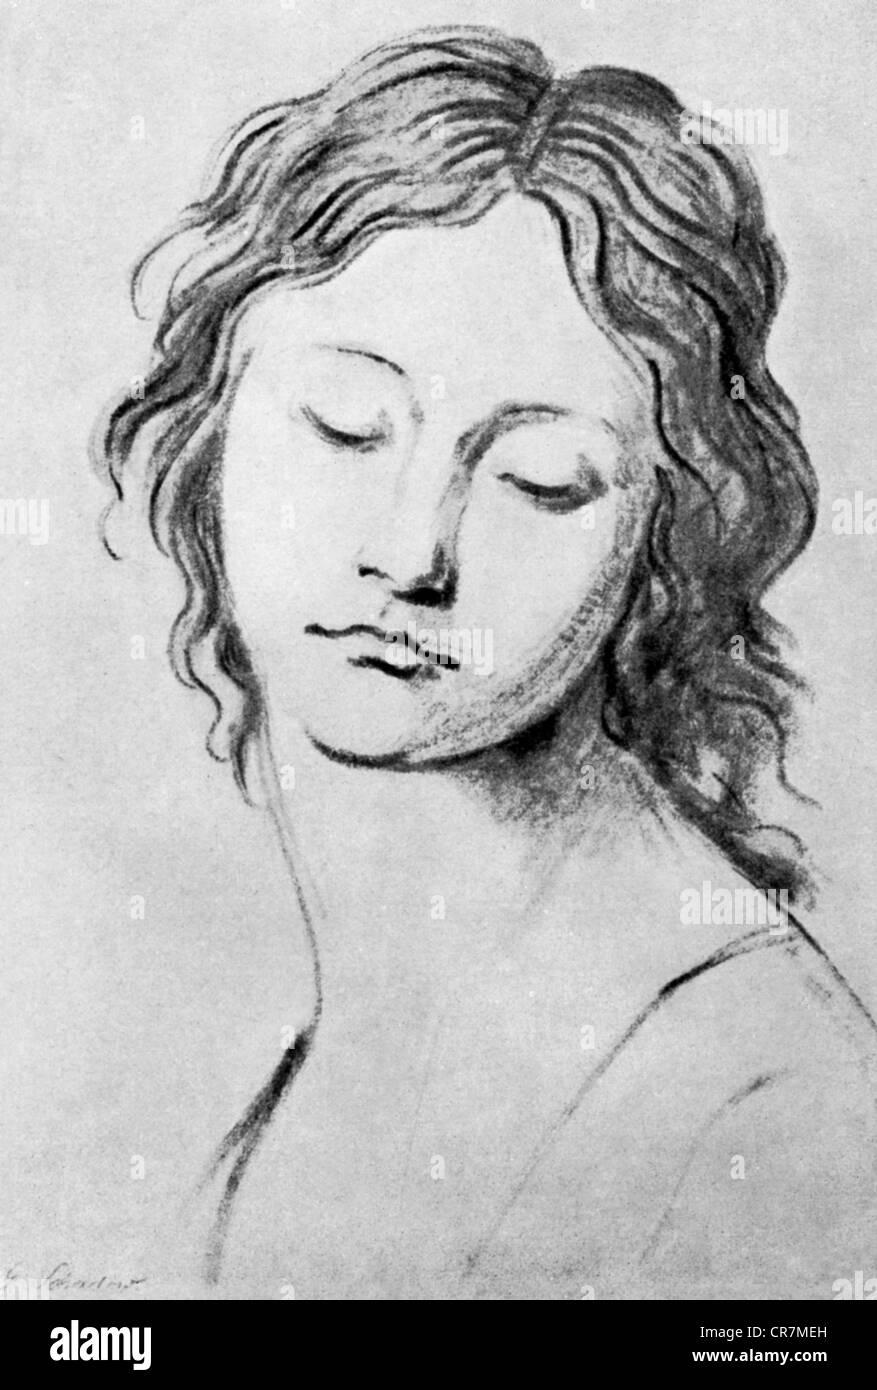 Johann Gottfried Schadow,, 20.5.1764 - 27.1.1850, sculpteur allemand et artiste graphique, travaux publics, portrait Photo Stock